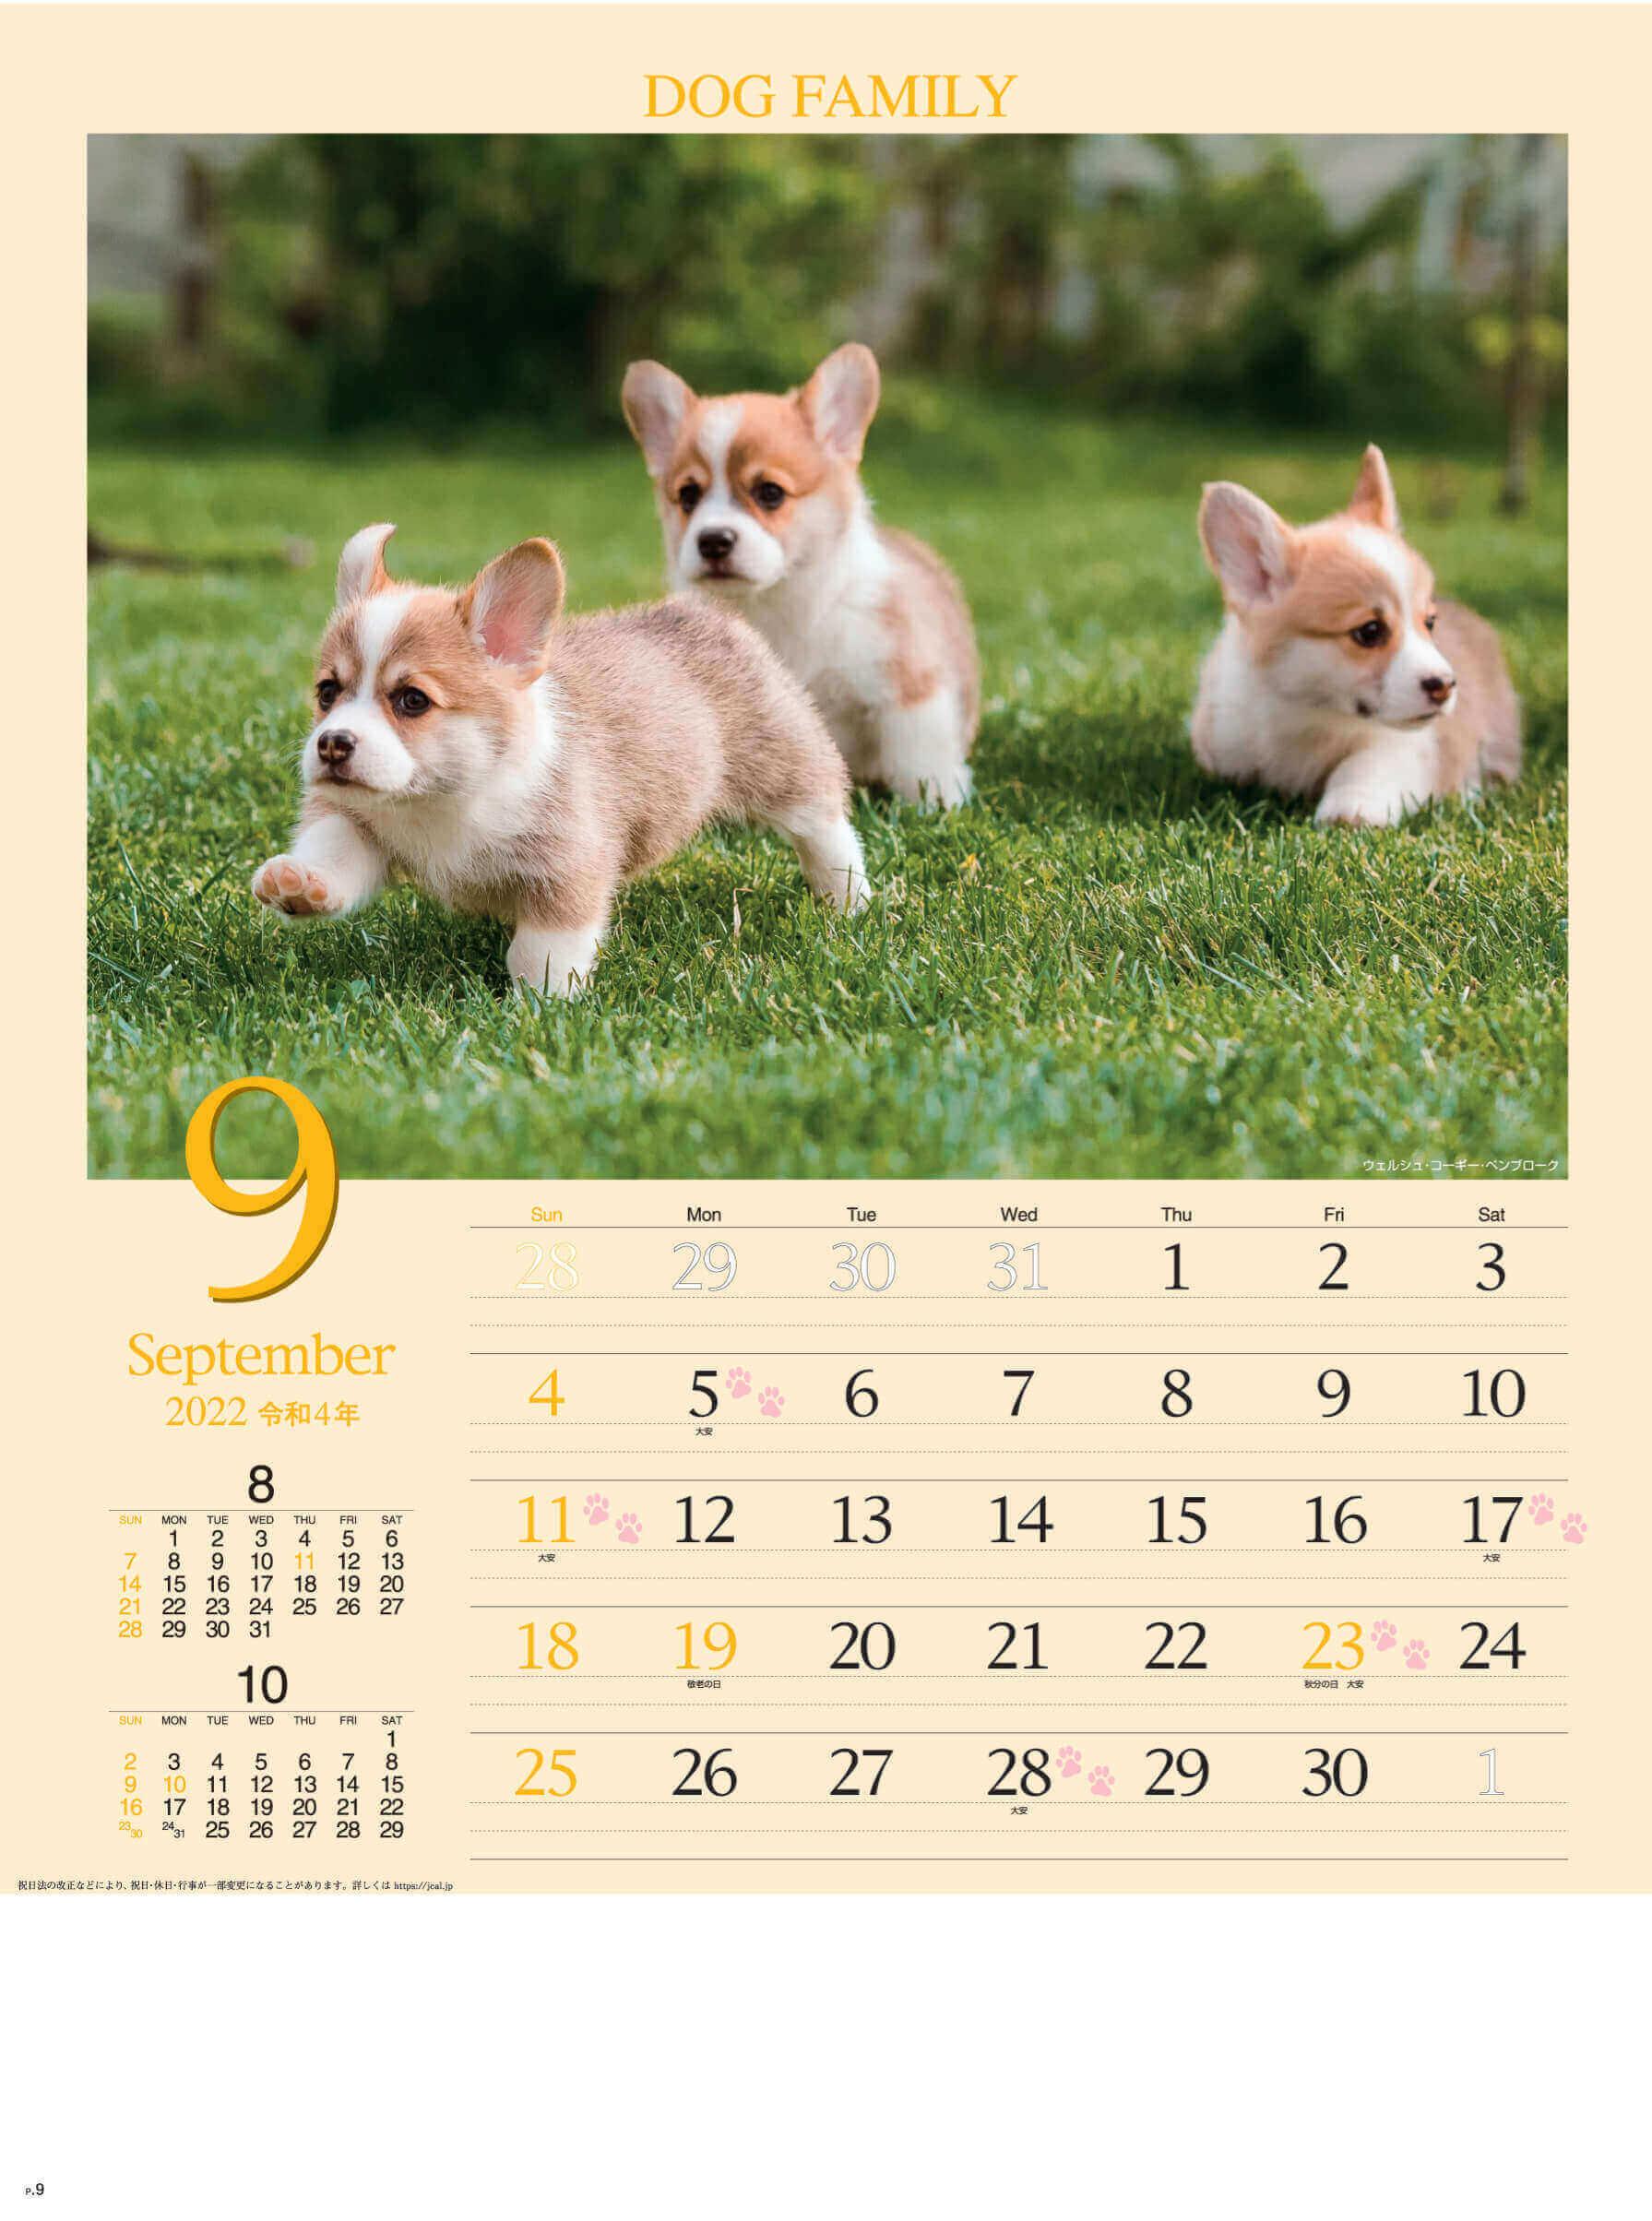 9月 ウェルシュ・コーギー・ペンブローク ドッグファミリー 2022年カレンダーの画像